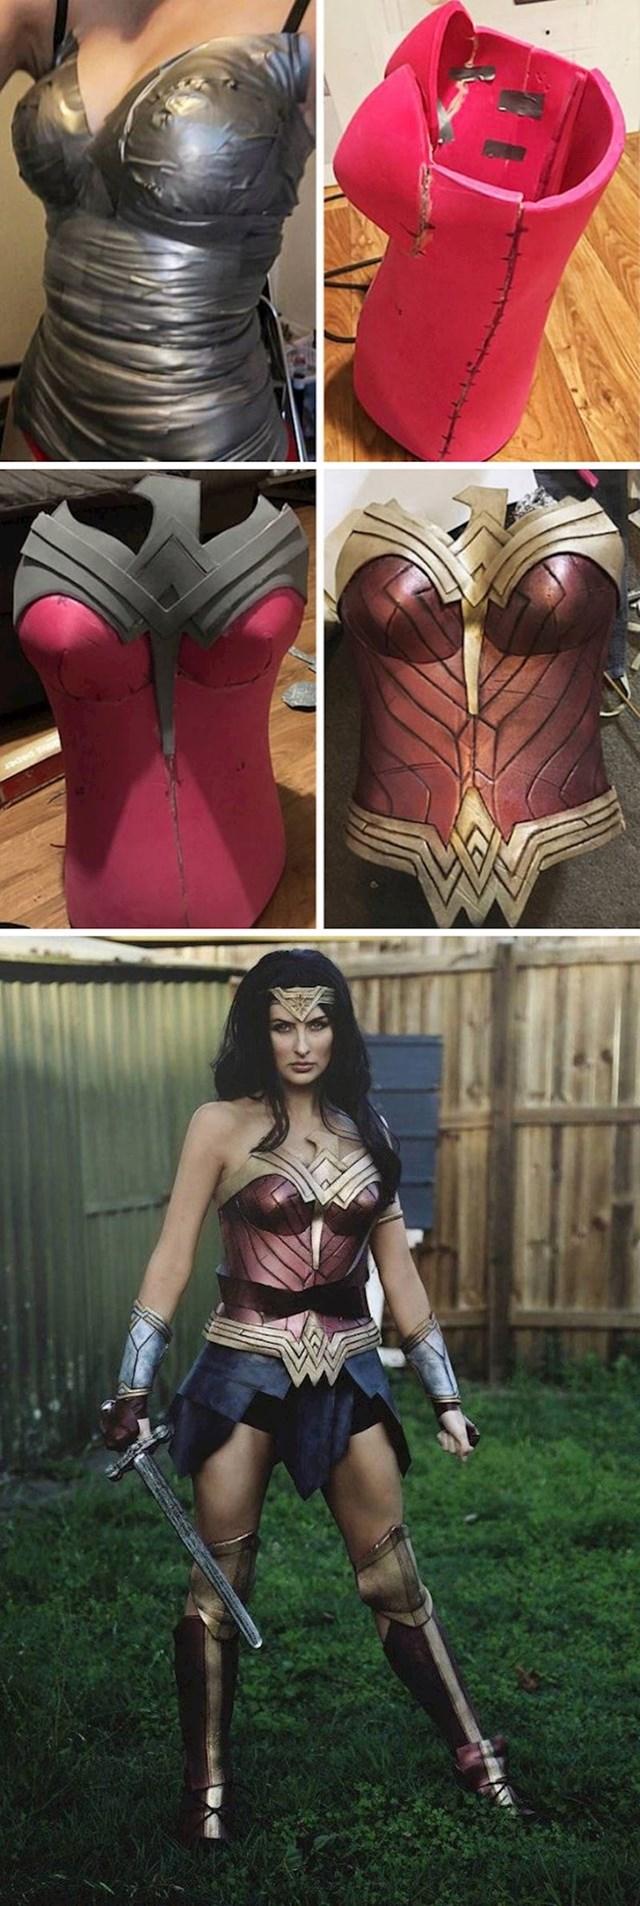 Pogledajte kako je ova mlada žena sama napravila kostim.